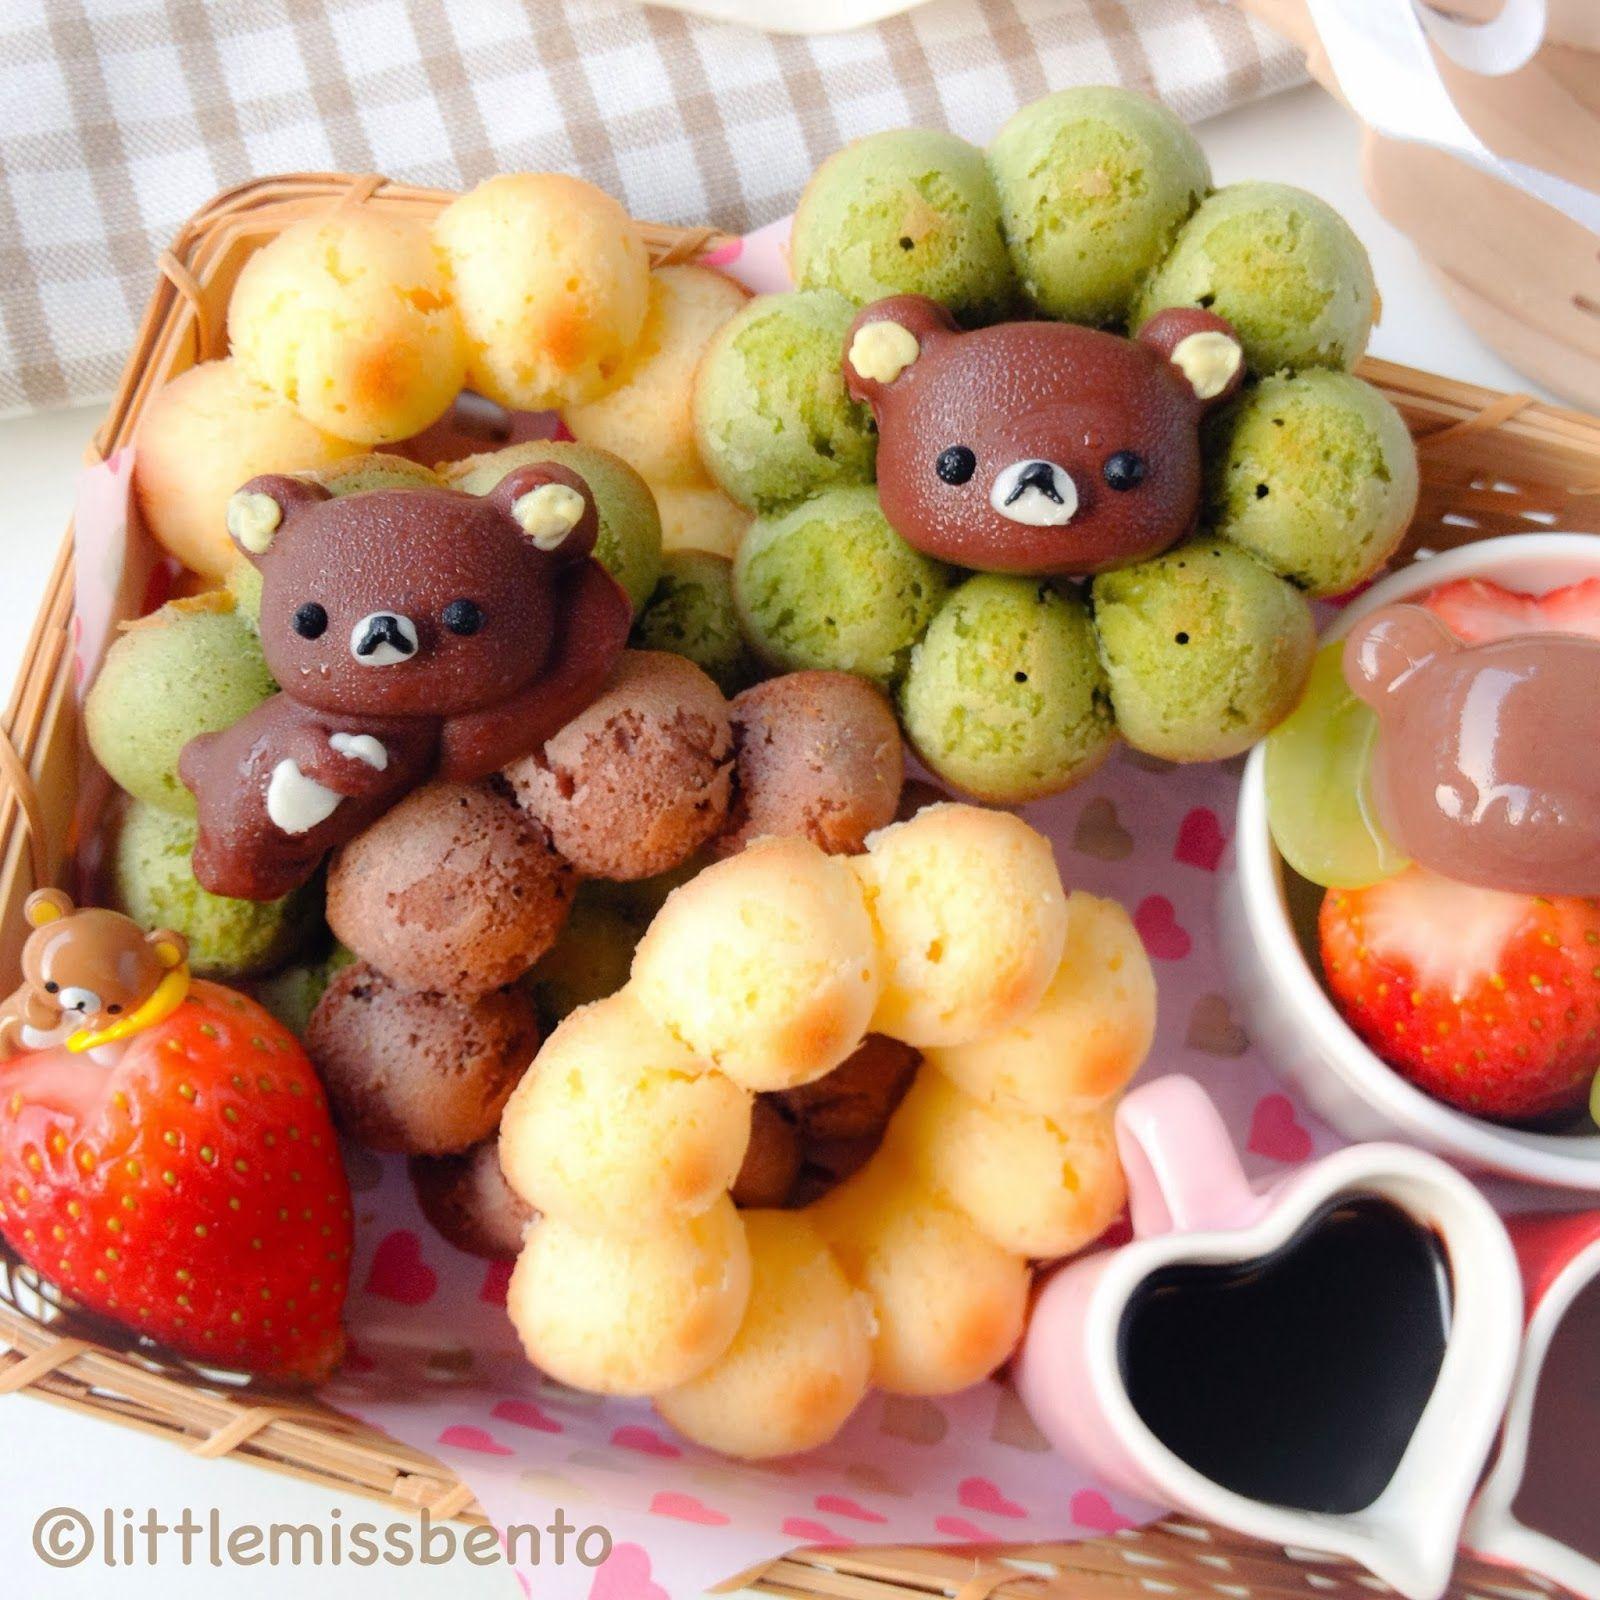 Little Miss Bento  シャリーのかわいいキャラベン: Rilakkuma Donut Bento リラックマドーナツのキャラベン